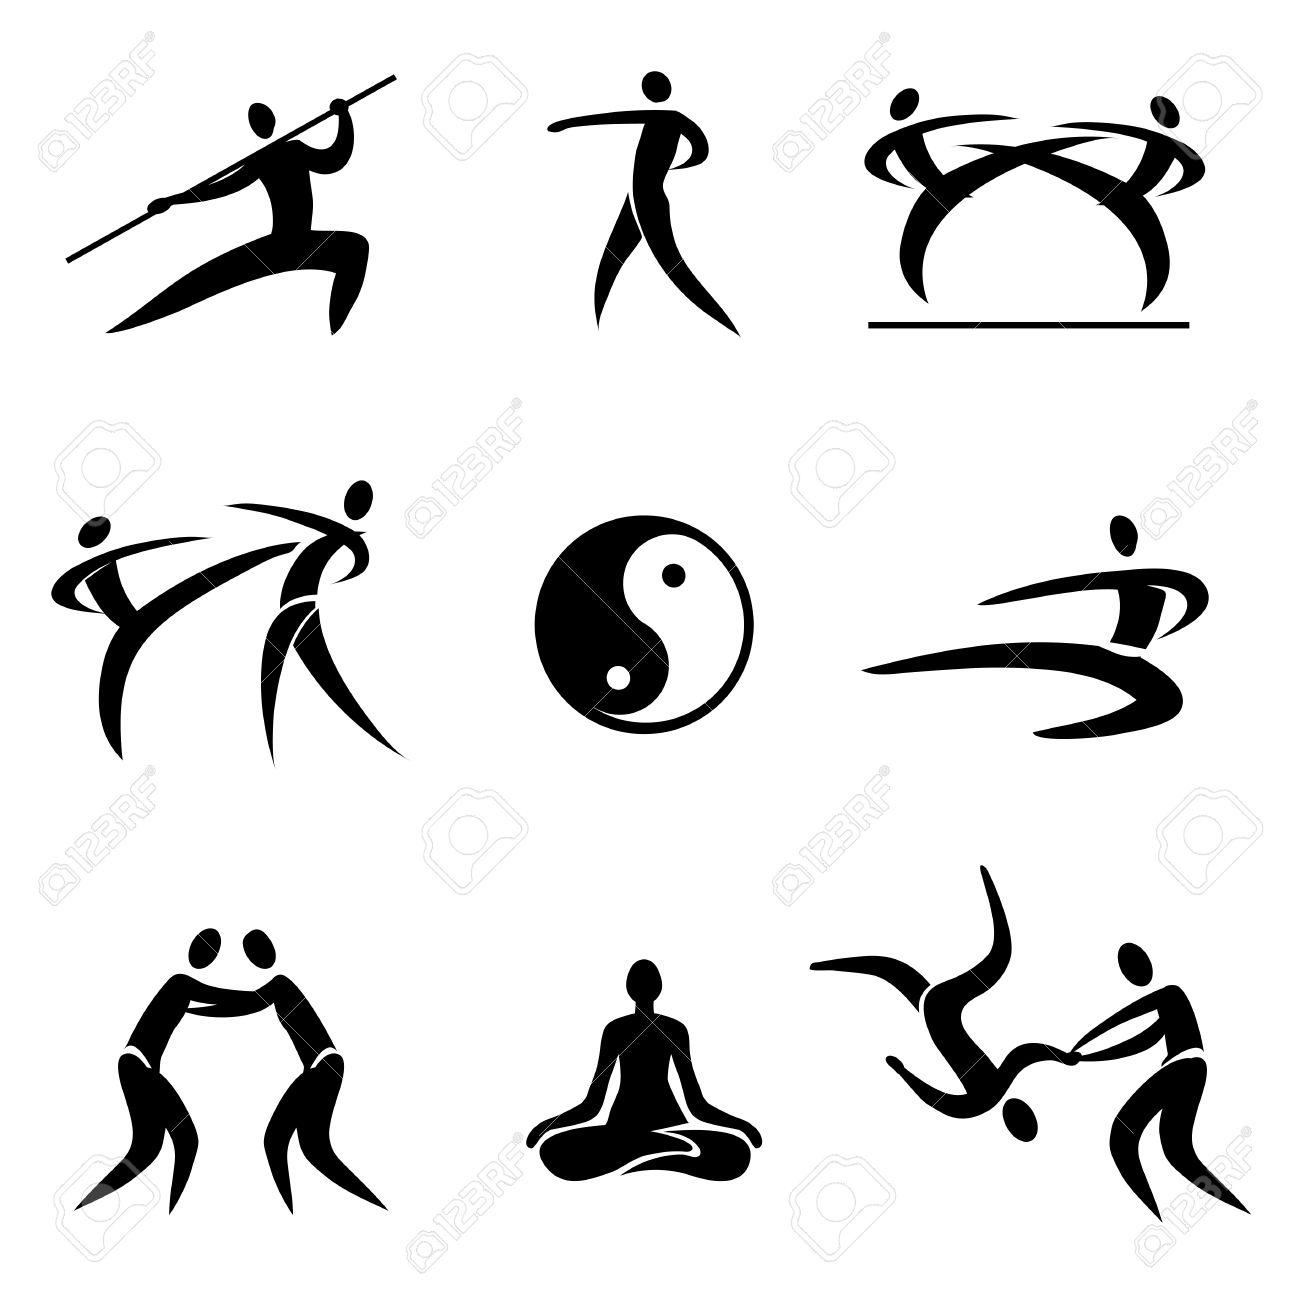 Sport Asiatique simple sport pictogrammes arts martiaux asiatique icônes vector